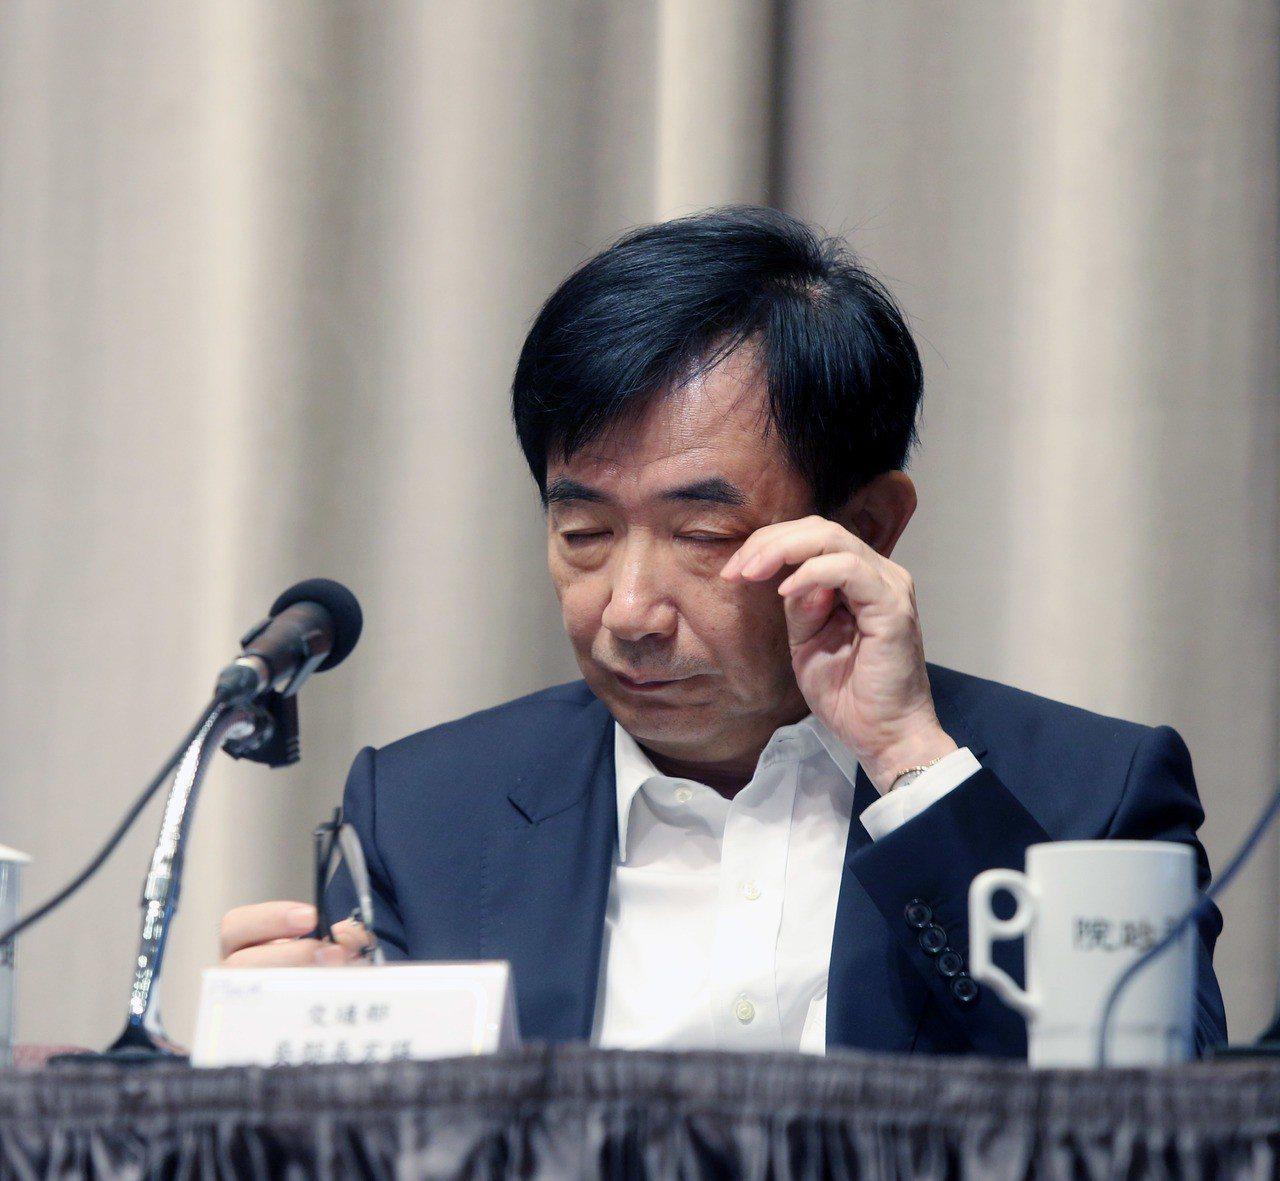 行政院今天舉行院會後記者會,交通部長吳宏謀出席報告台鐵事故的因應,經過連日的操煩...